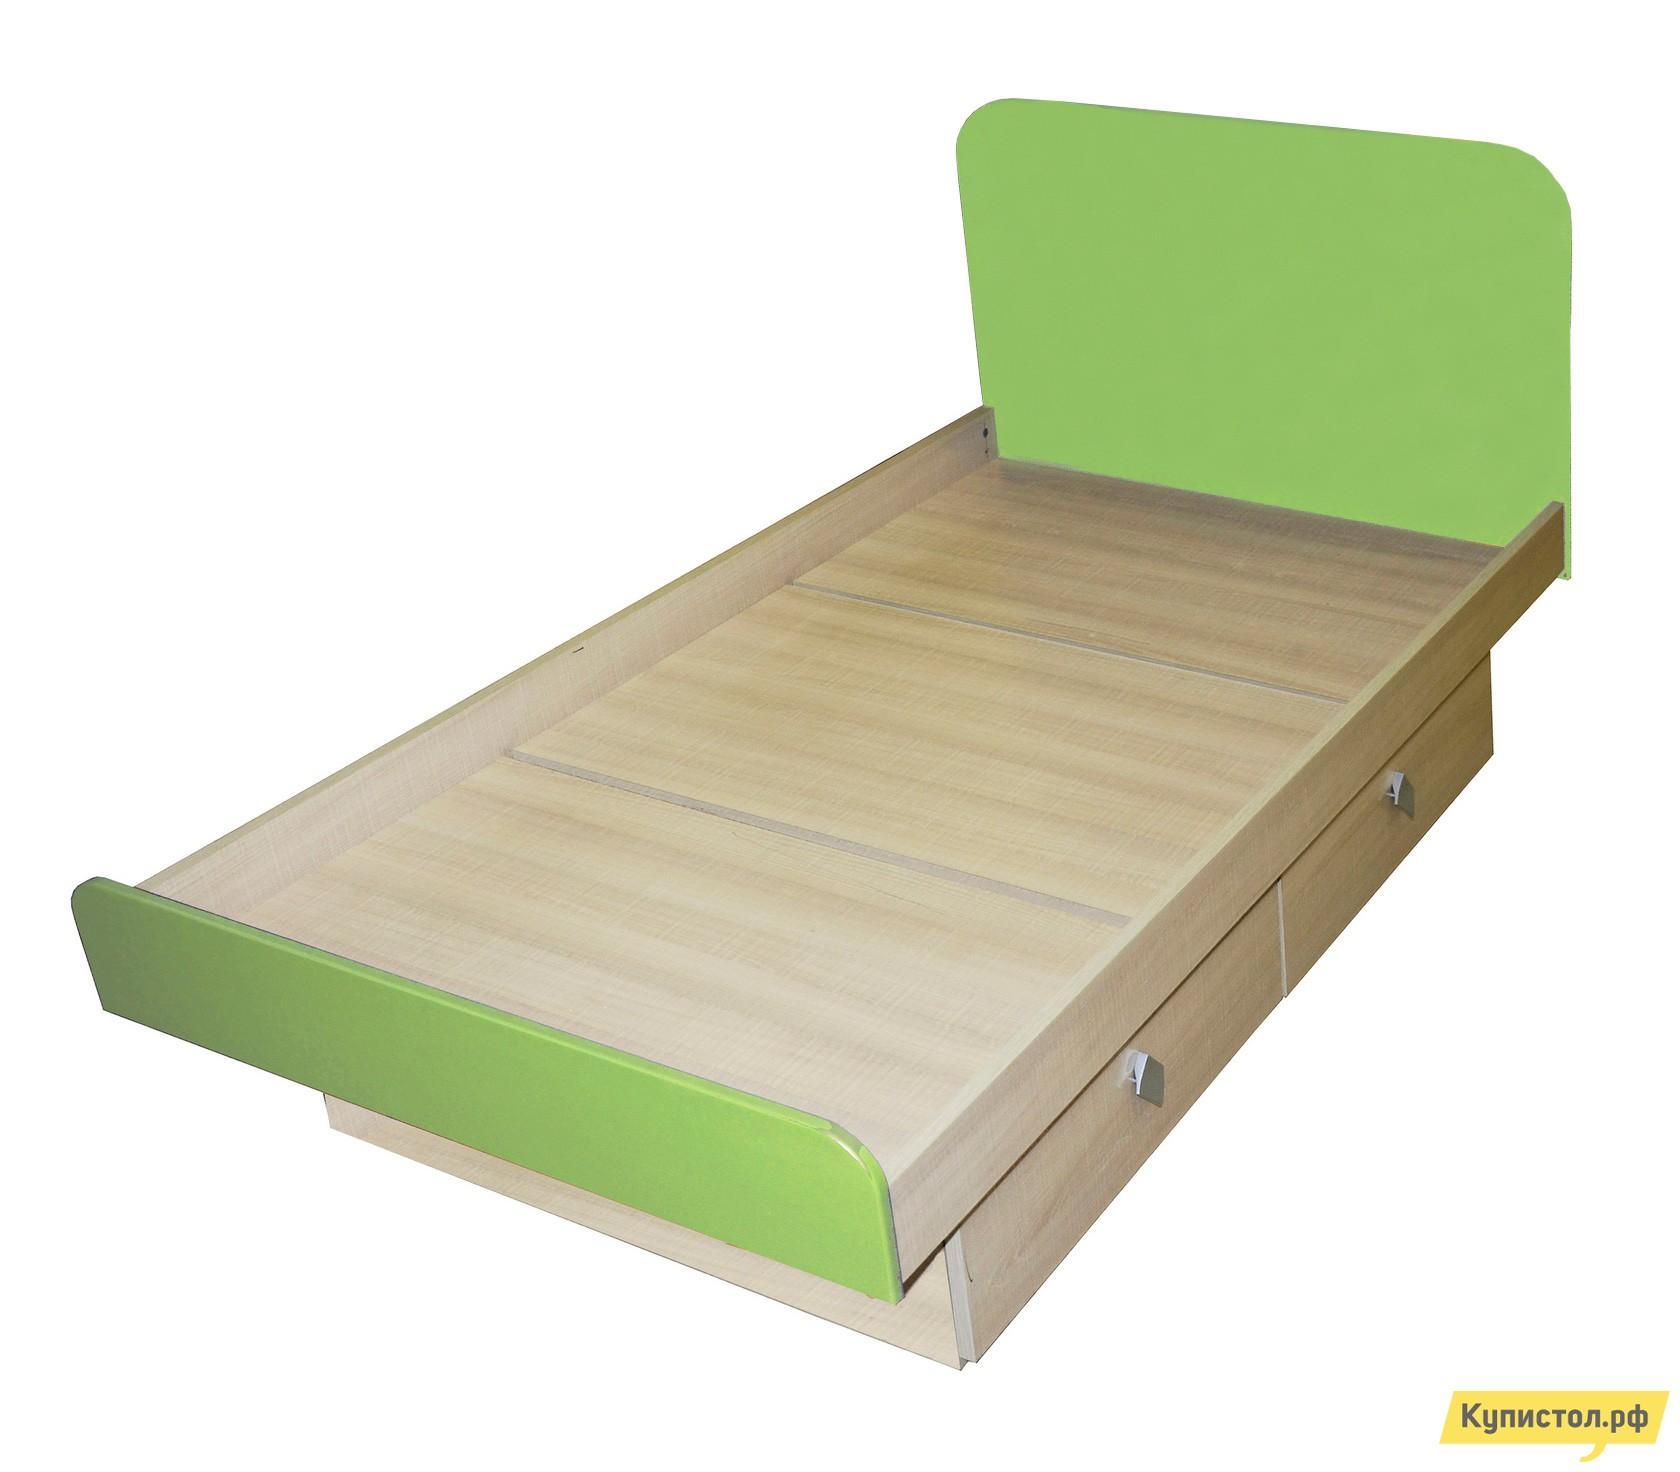 Детская кровать МО РОСТ Жили-были Мадейра / Зеленый глянец